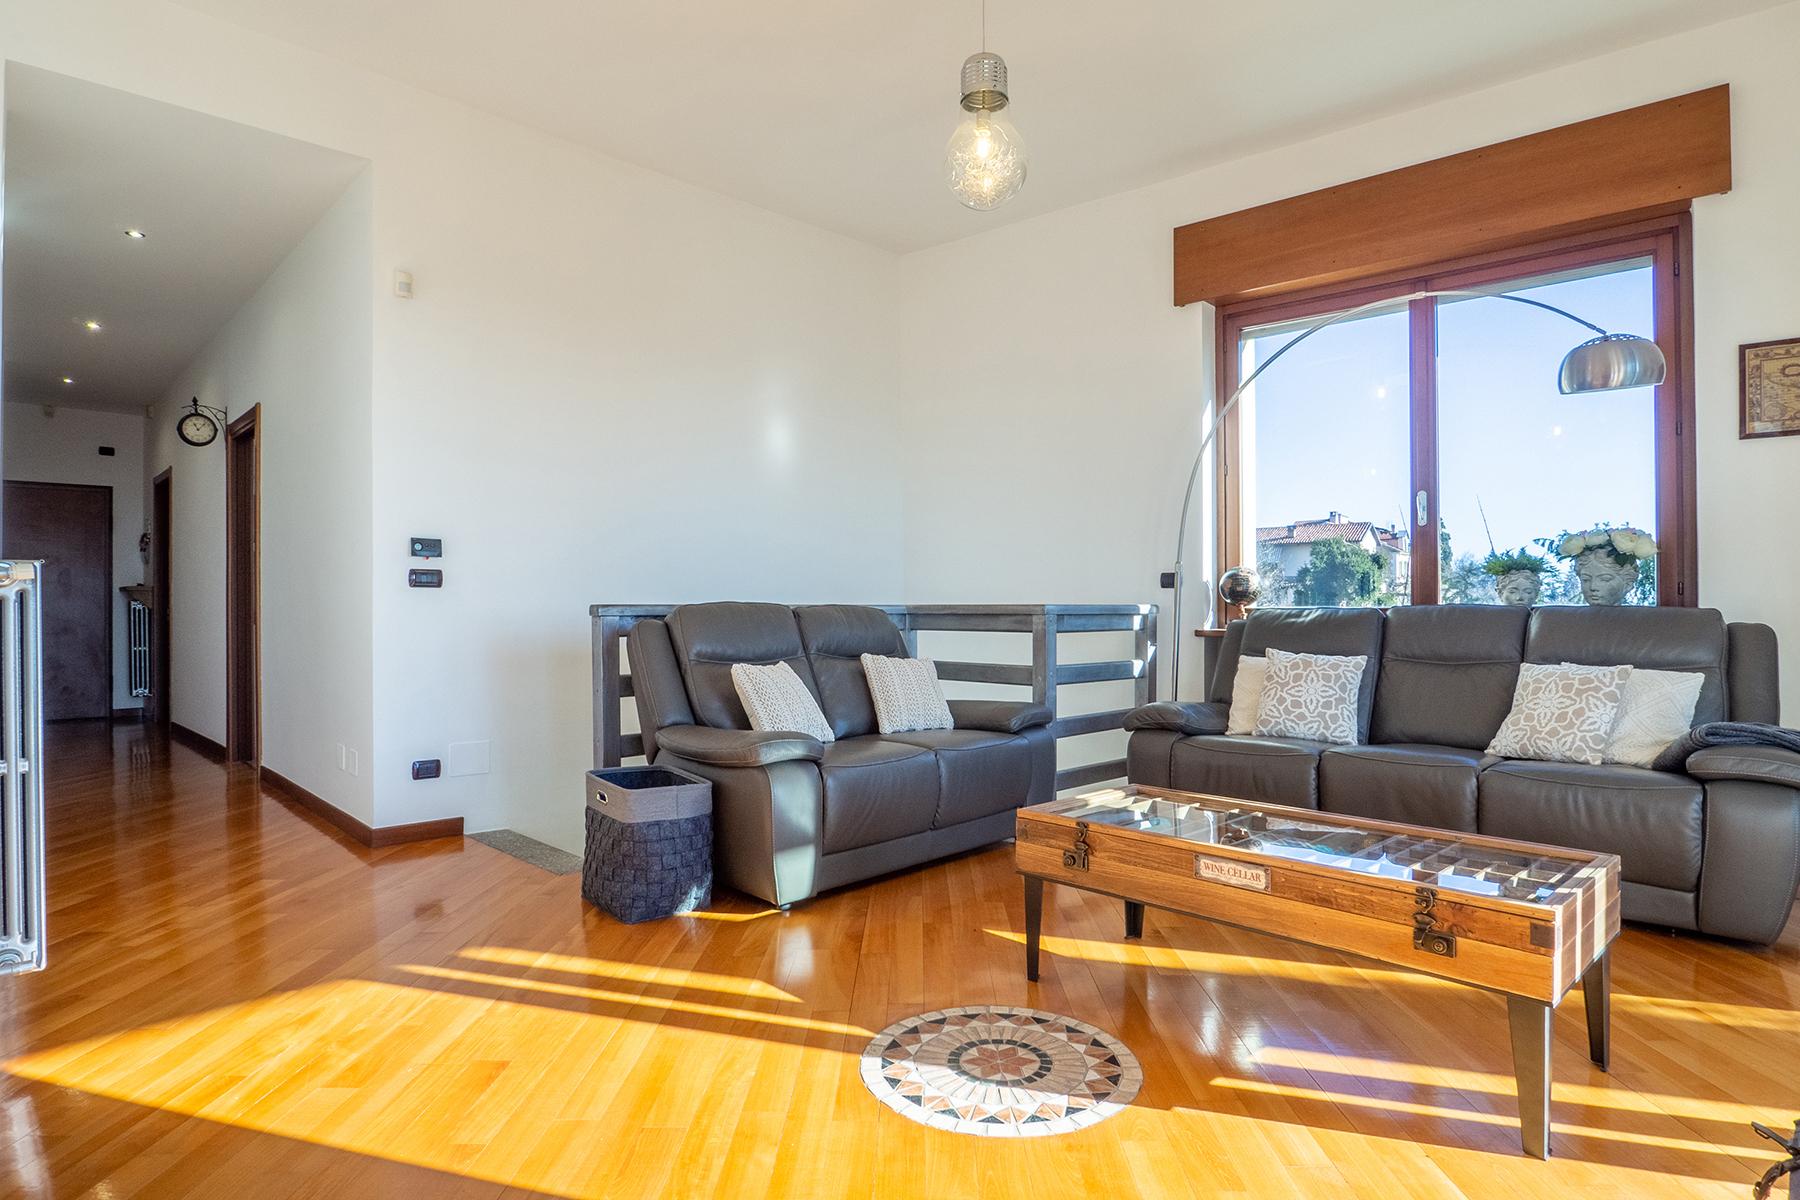 Appartamento in Vendita a Torino:  5 locali, 170 mq  - Foto 1